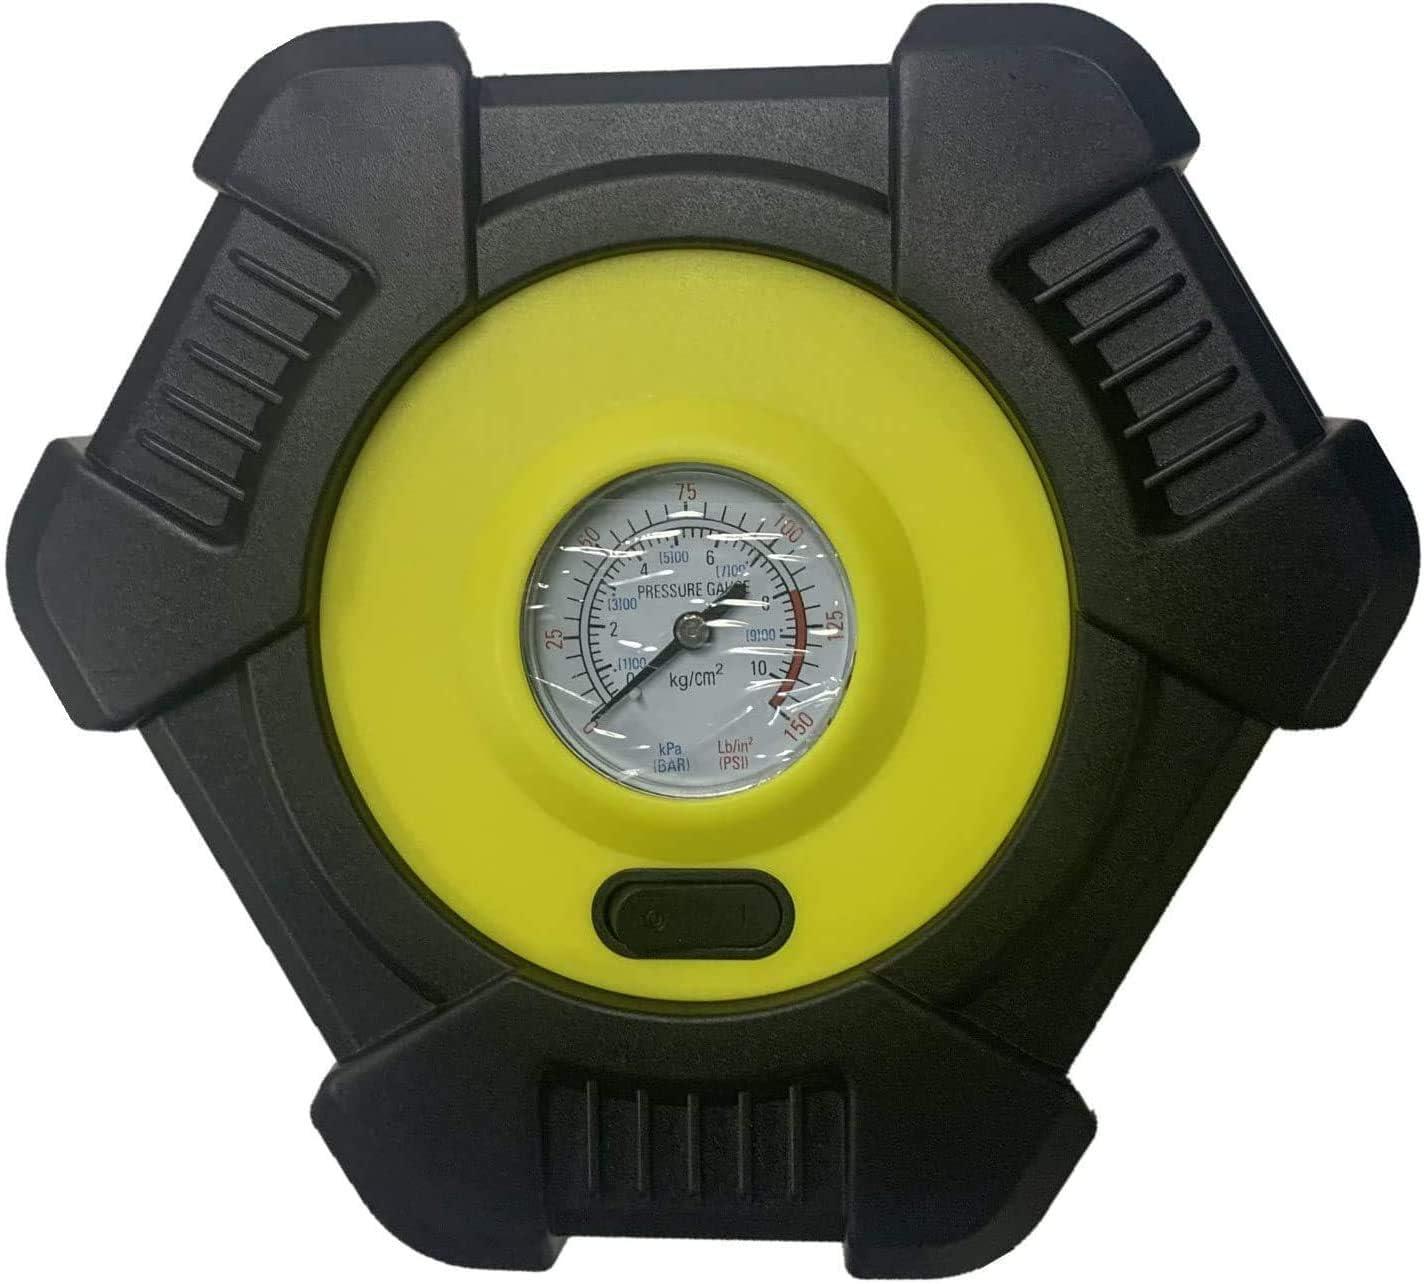 Yaber Auto Luftpumpe 12v Luftkompressor Tragbarer Auto Kompressor 150psi Mit Lcd Display Und Led Taschenlampe Für Auto Fahrrad Motorrad Ball Auto